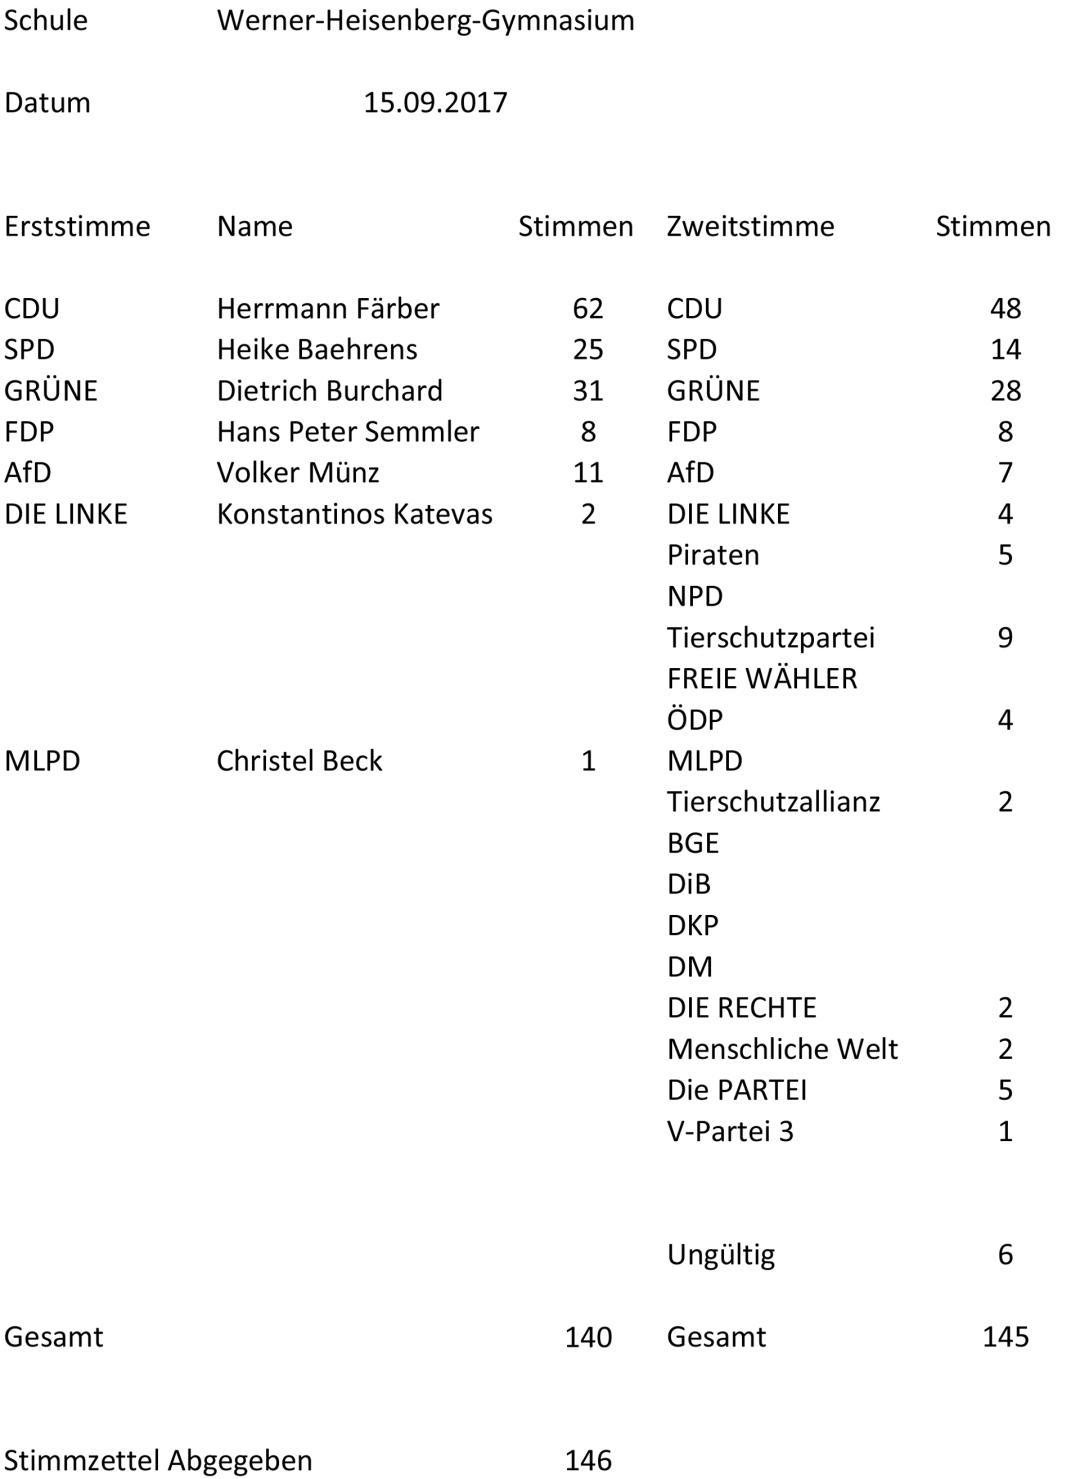 Auszählung_Werner-Heisenberg-Gymnasium-1